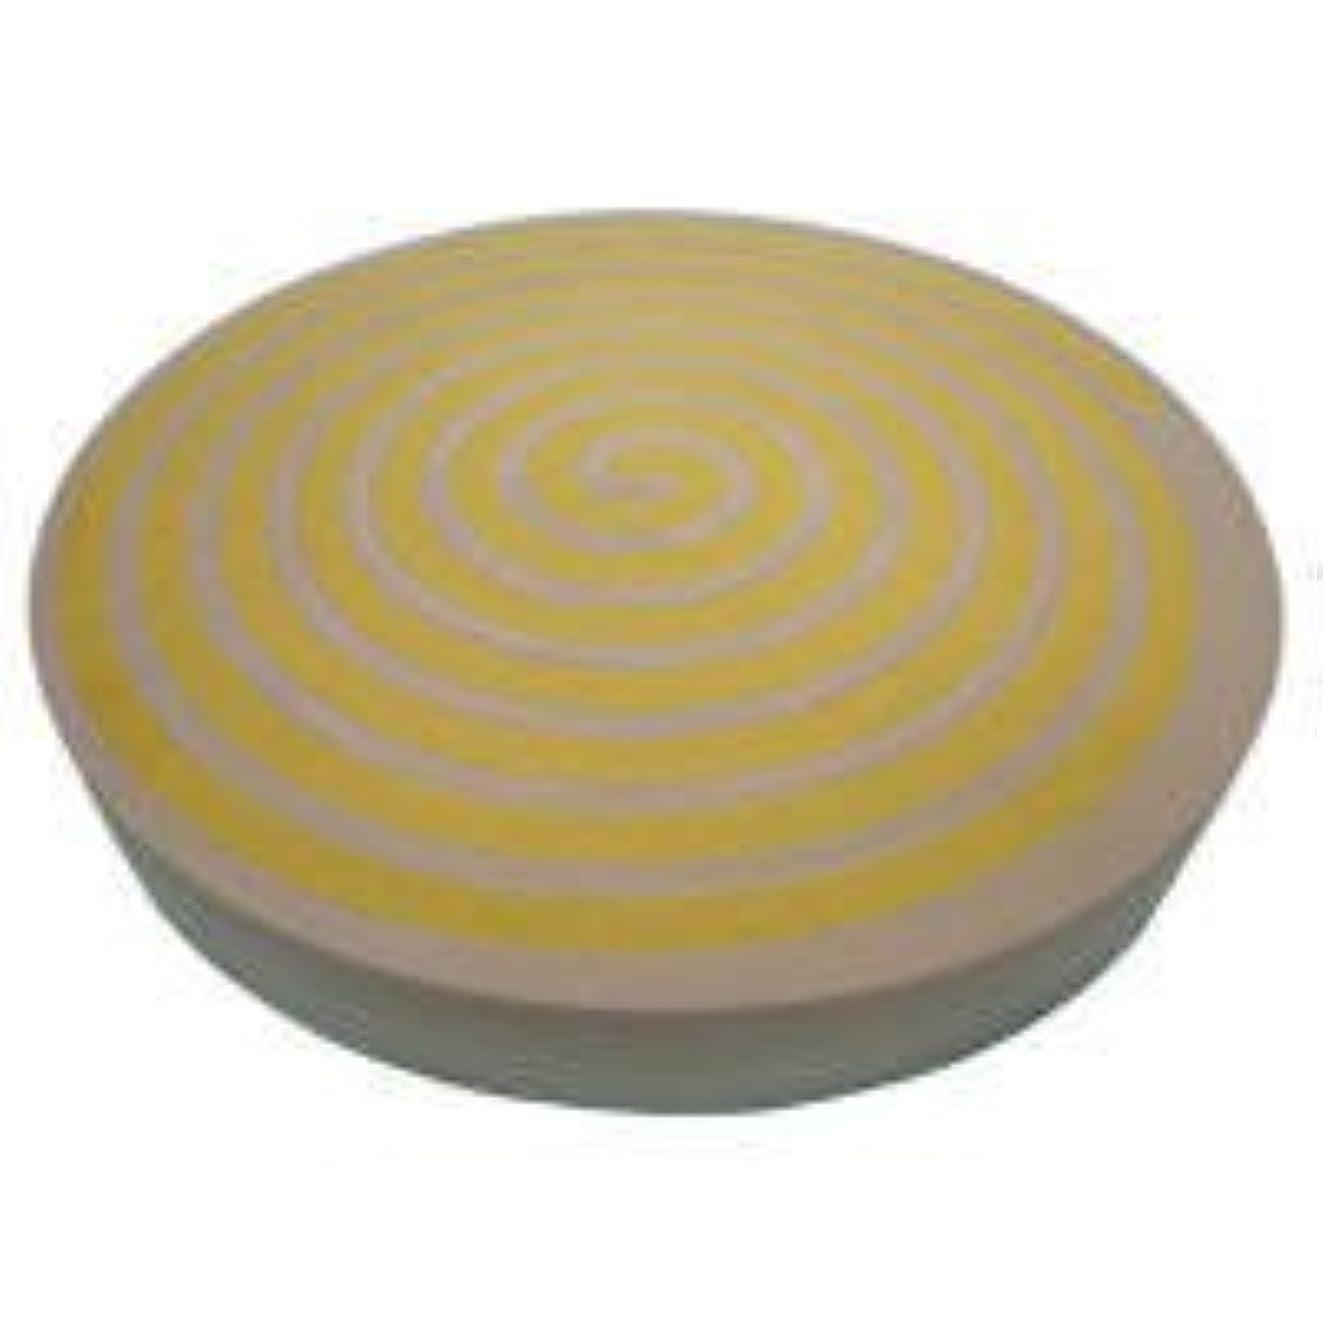 顎土地欺Azenta Products 42706 ~ 6 Hour Spiral ~ 6 Hour Powder Incense Stone Burner by Azenta